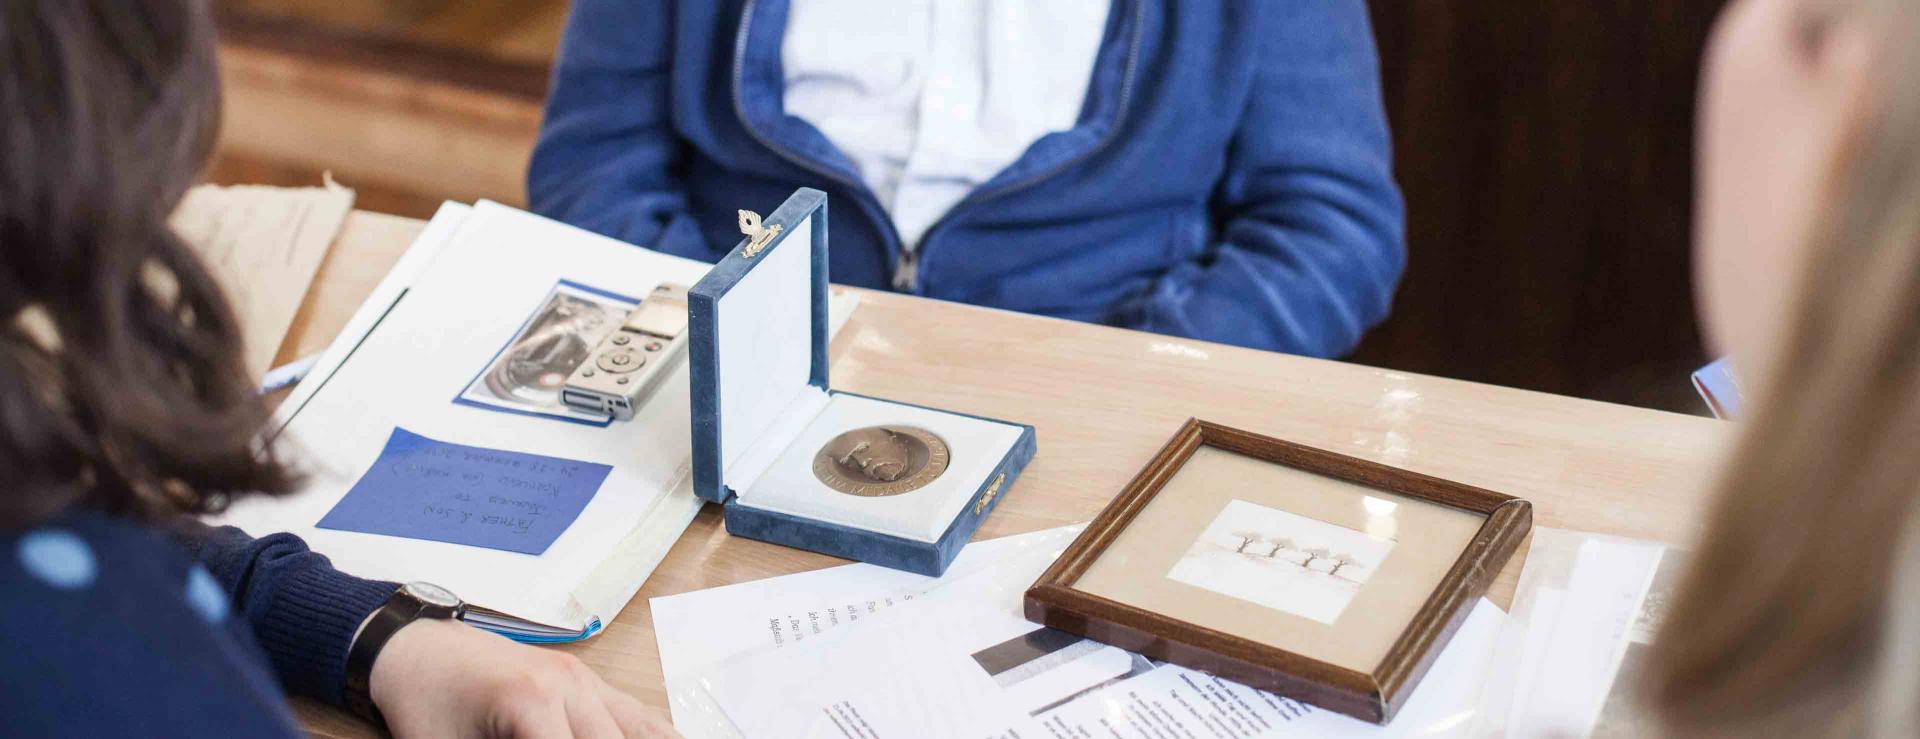 Mehrere Menschen sitzen um einen Tisch, auf dem Erinnerungsstücke und ein Aufnahmegerät liegen